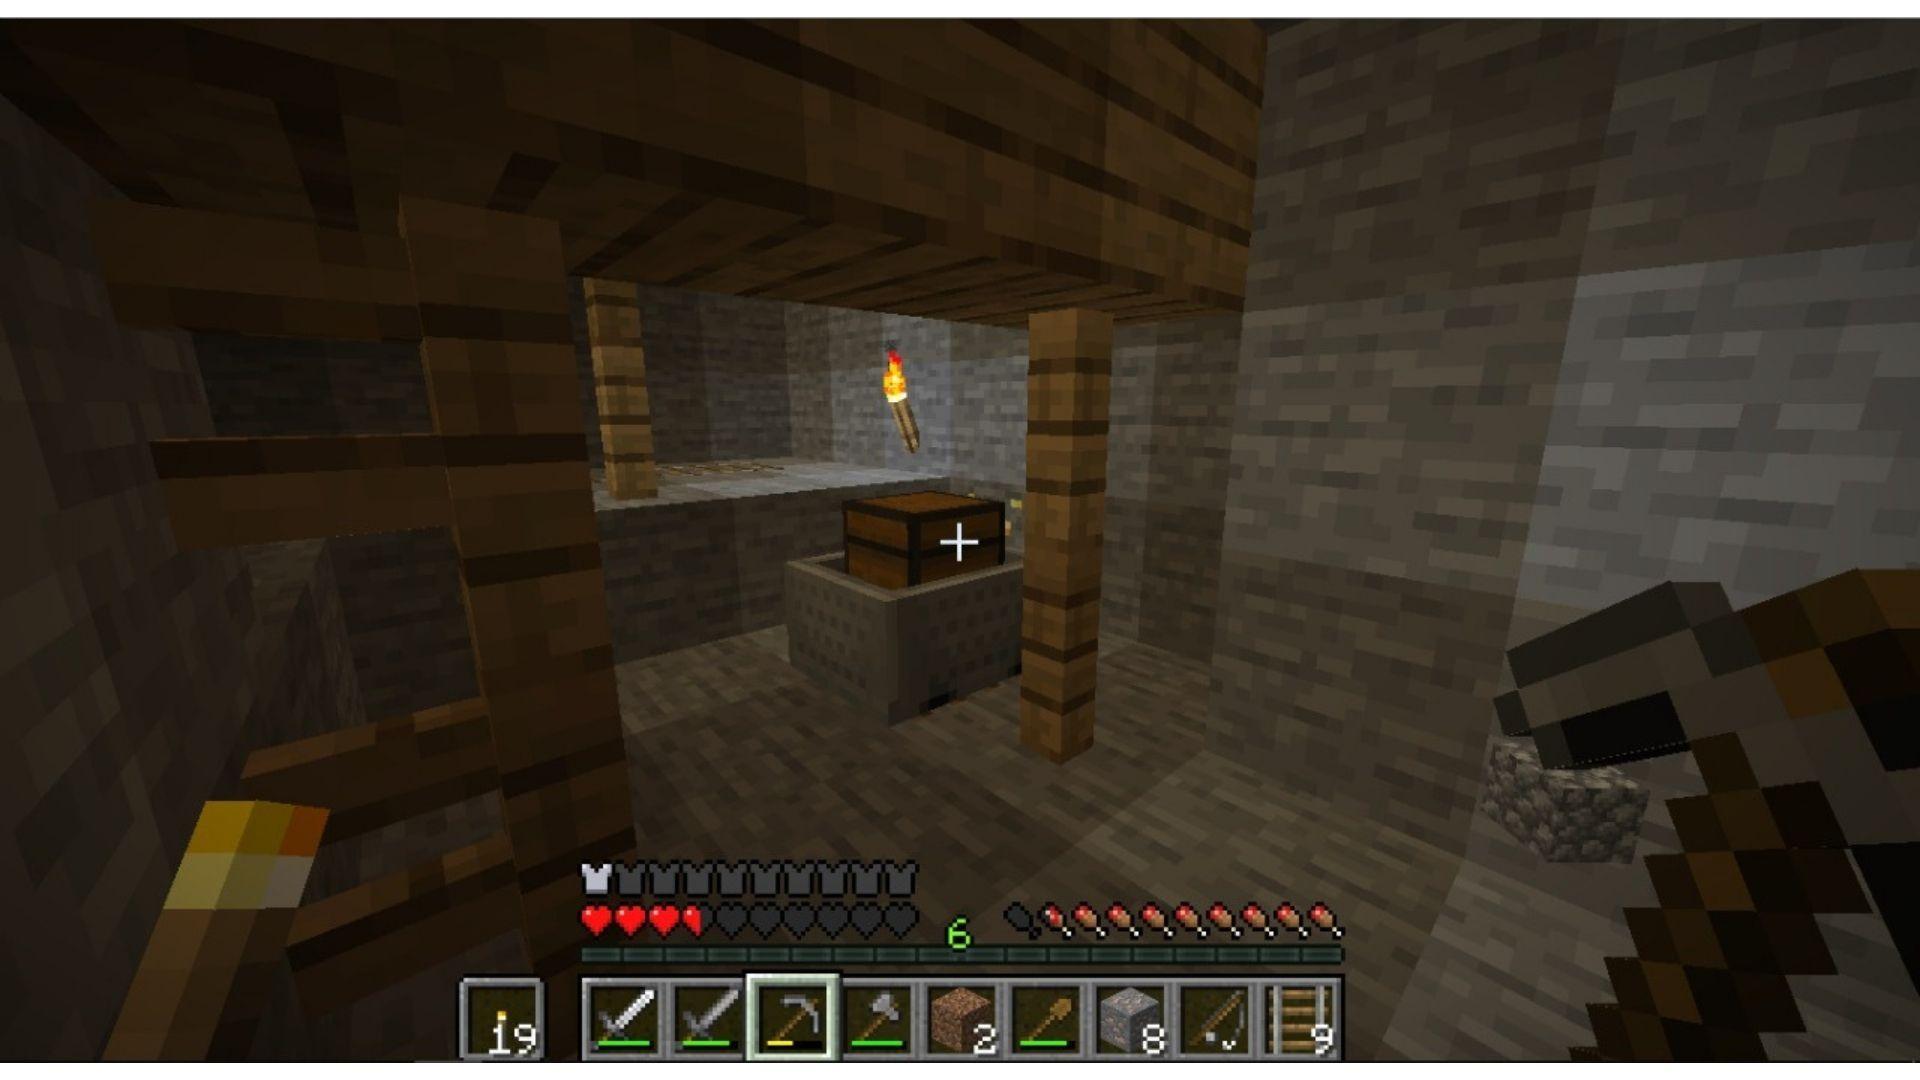 Os baús espalhados pelo jogo são a principal forma de adquirir uma sela no Minecraft (Foto: Reprodução/Úrsula Gomes)